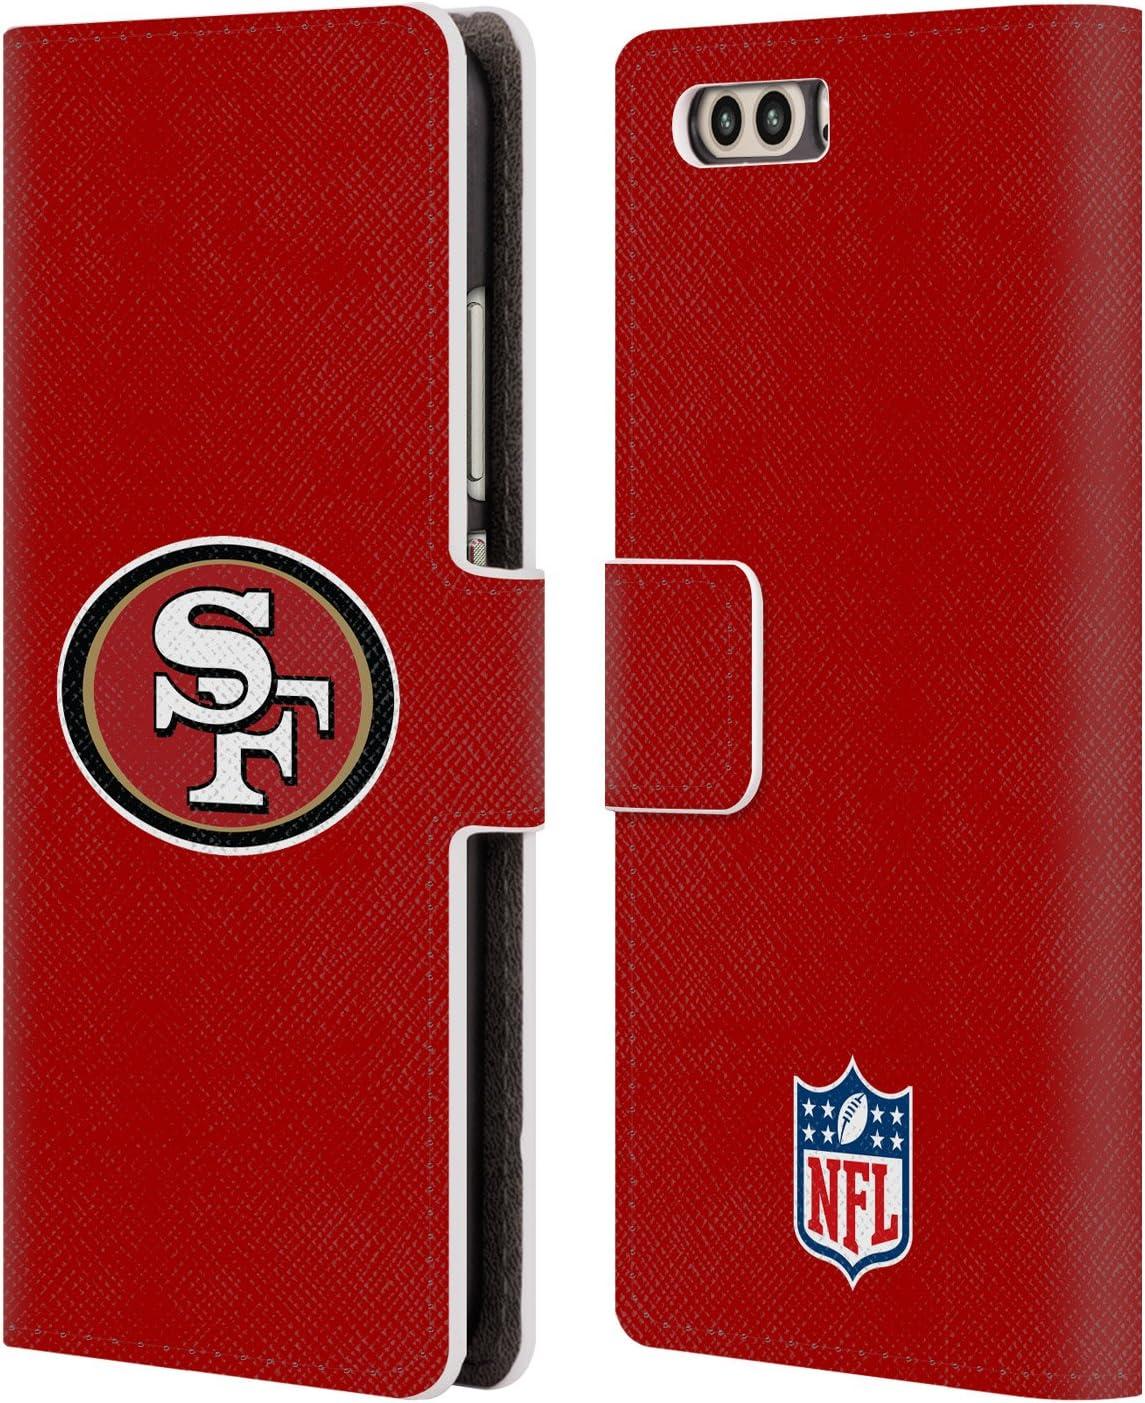 Head Case Designs Oficial NFL Claro Logotipo de San Francisco 49ers Carcasa de Cuero Tipo Libro Compatible con Huawei P10